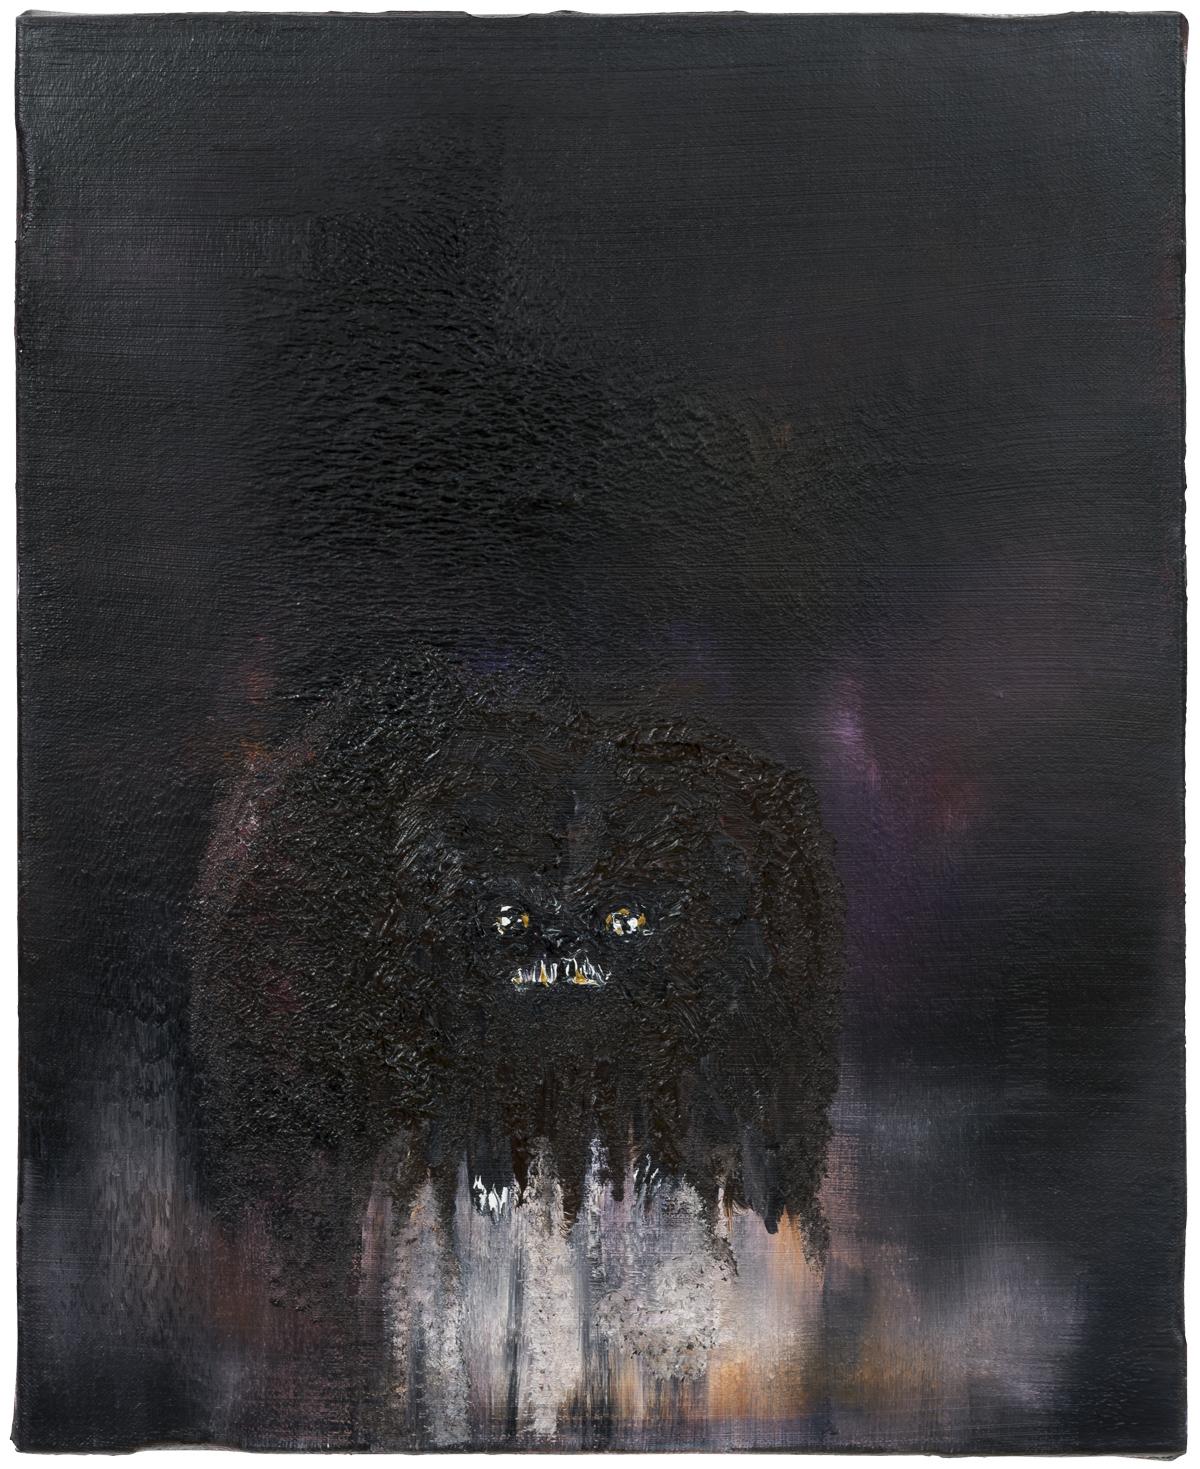 Abdul Vas. Pekingese. Rossitta, 2017